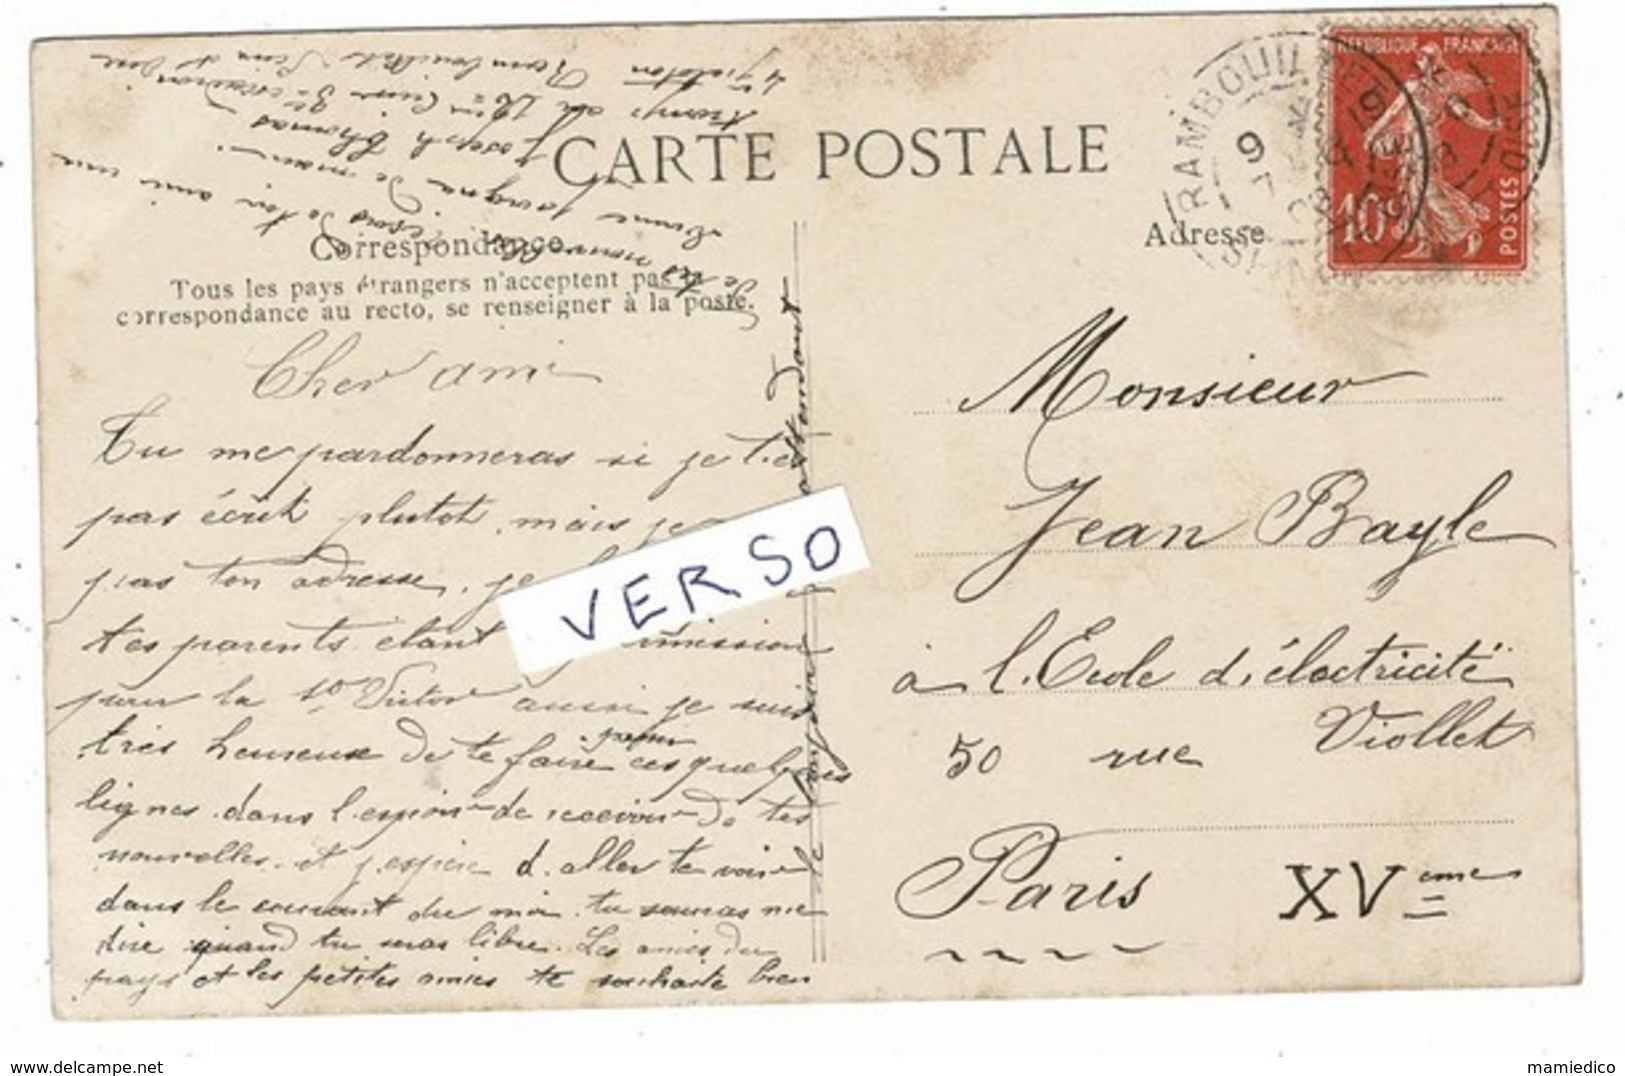 124 Cartes Aux Thèmes Très Variés. Etat Correct Dans L'ensemble. Prix De Départ 5 Euros. Lot N° 62 Toutes Scannées - Cartes Postales